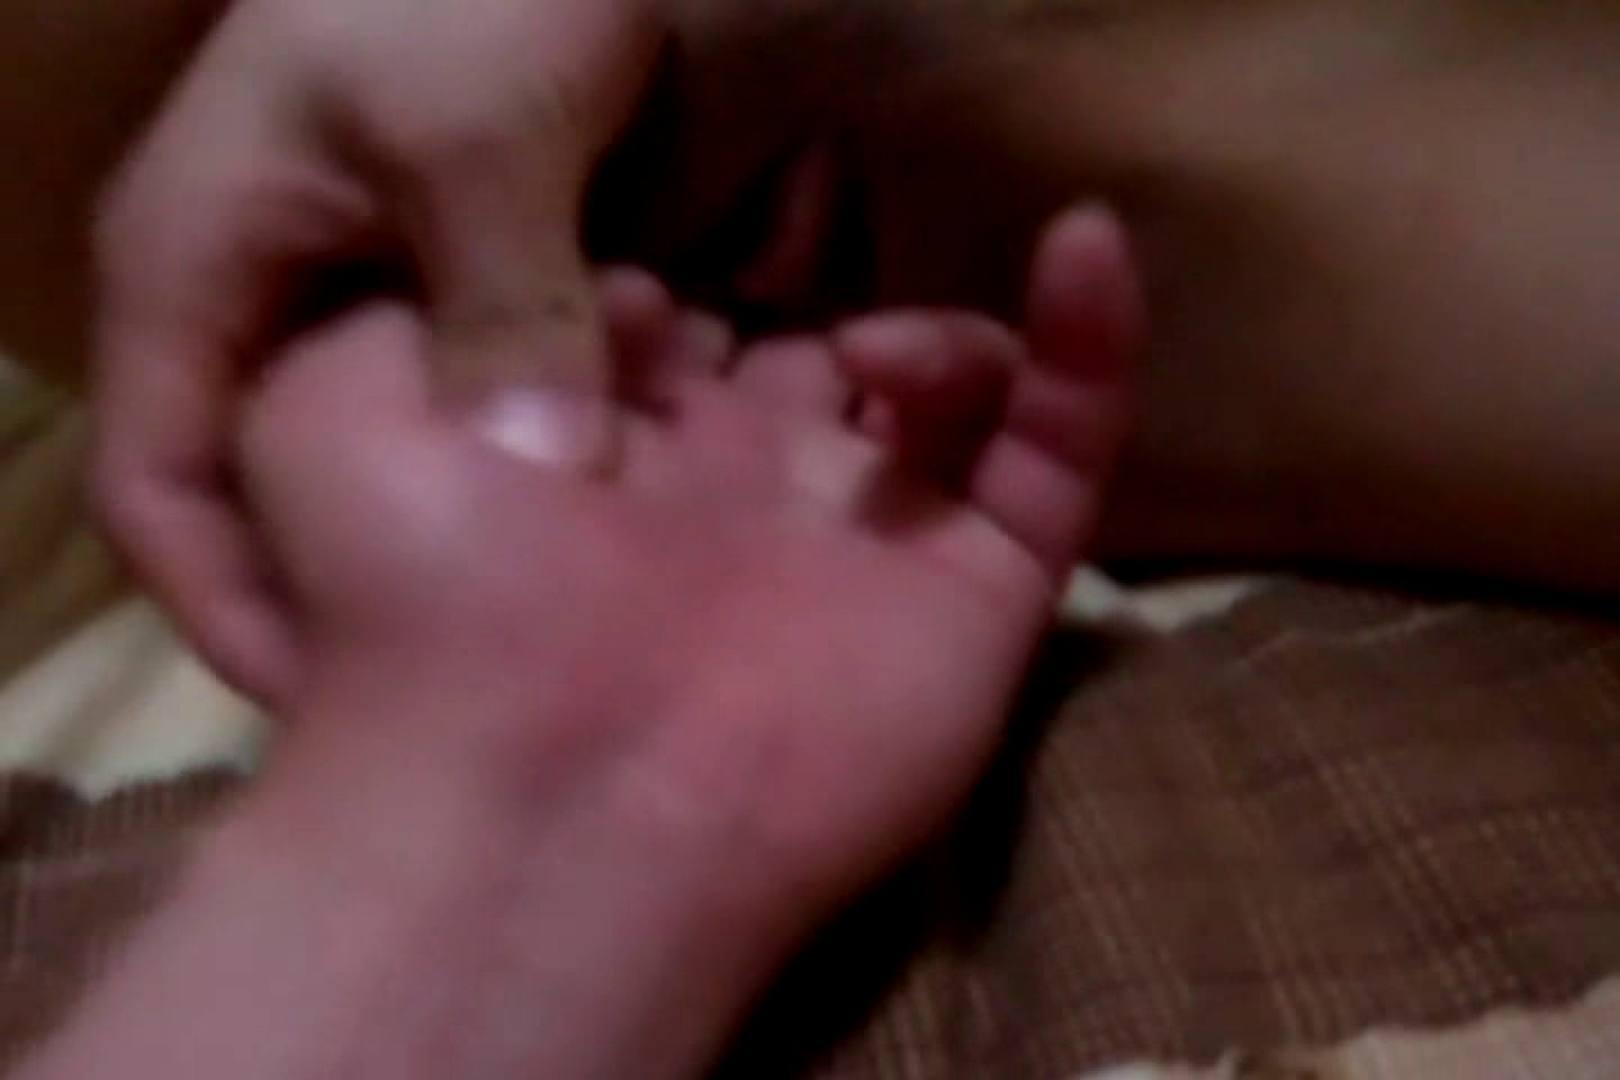 ウイルス流出 Ownerのハメ撮り映像 マンコ満開  67PIX 27